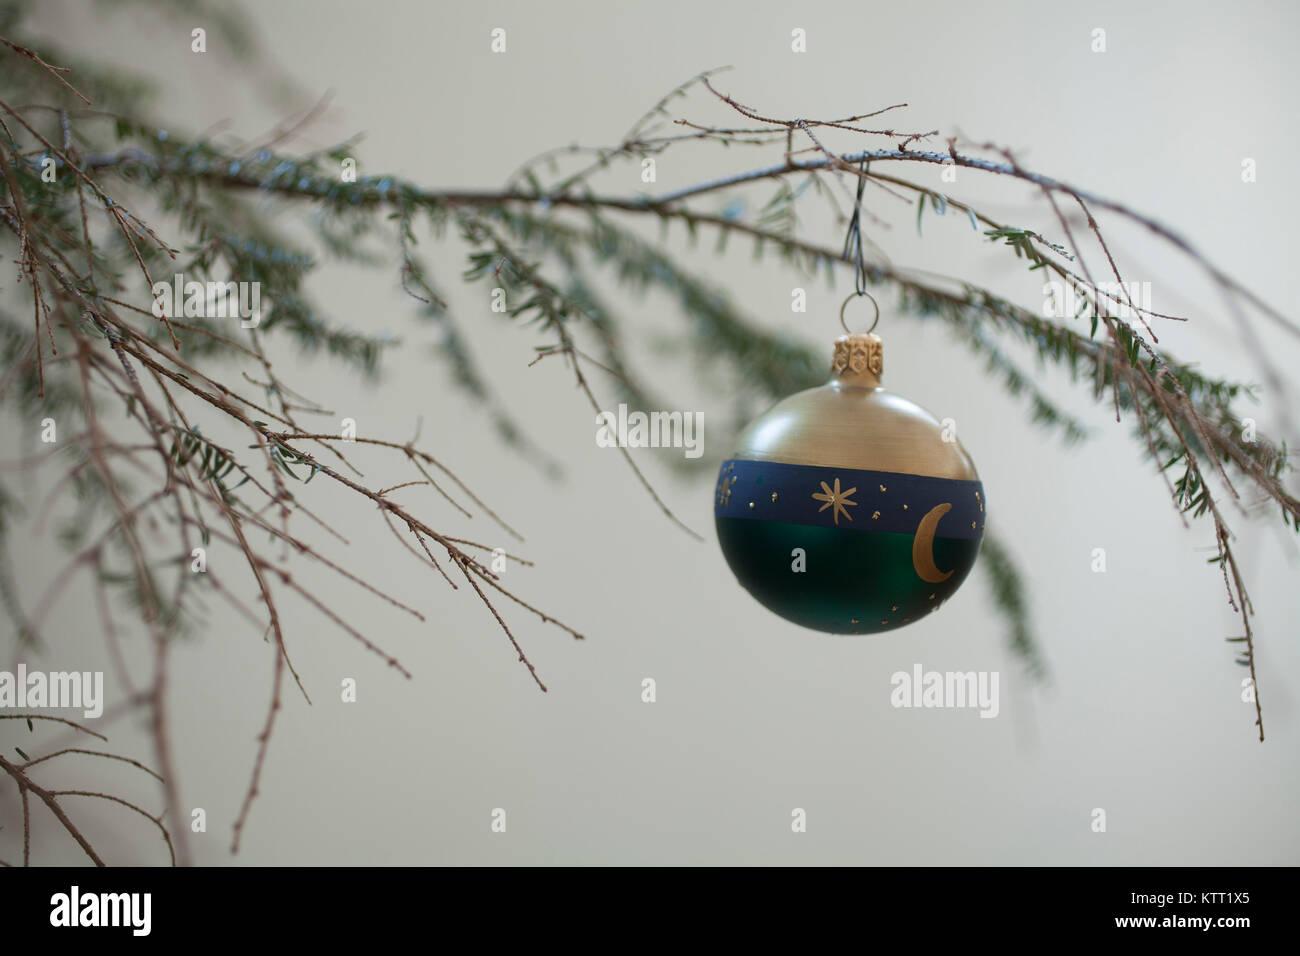 Weihnachtsbaum nadeln verlieren